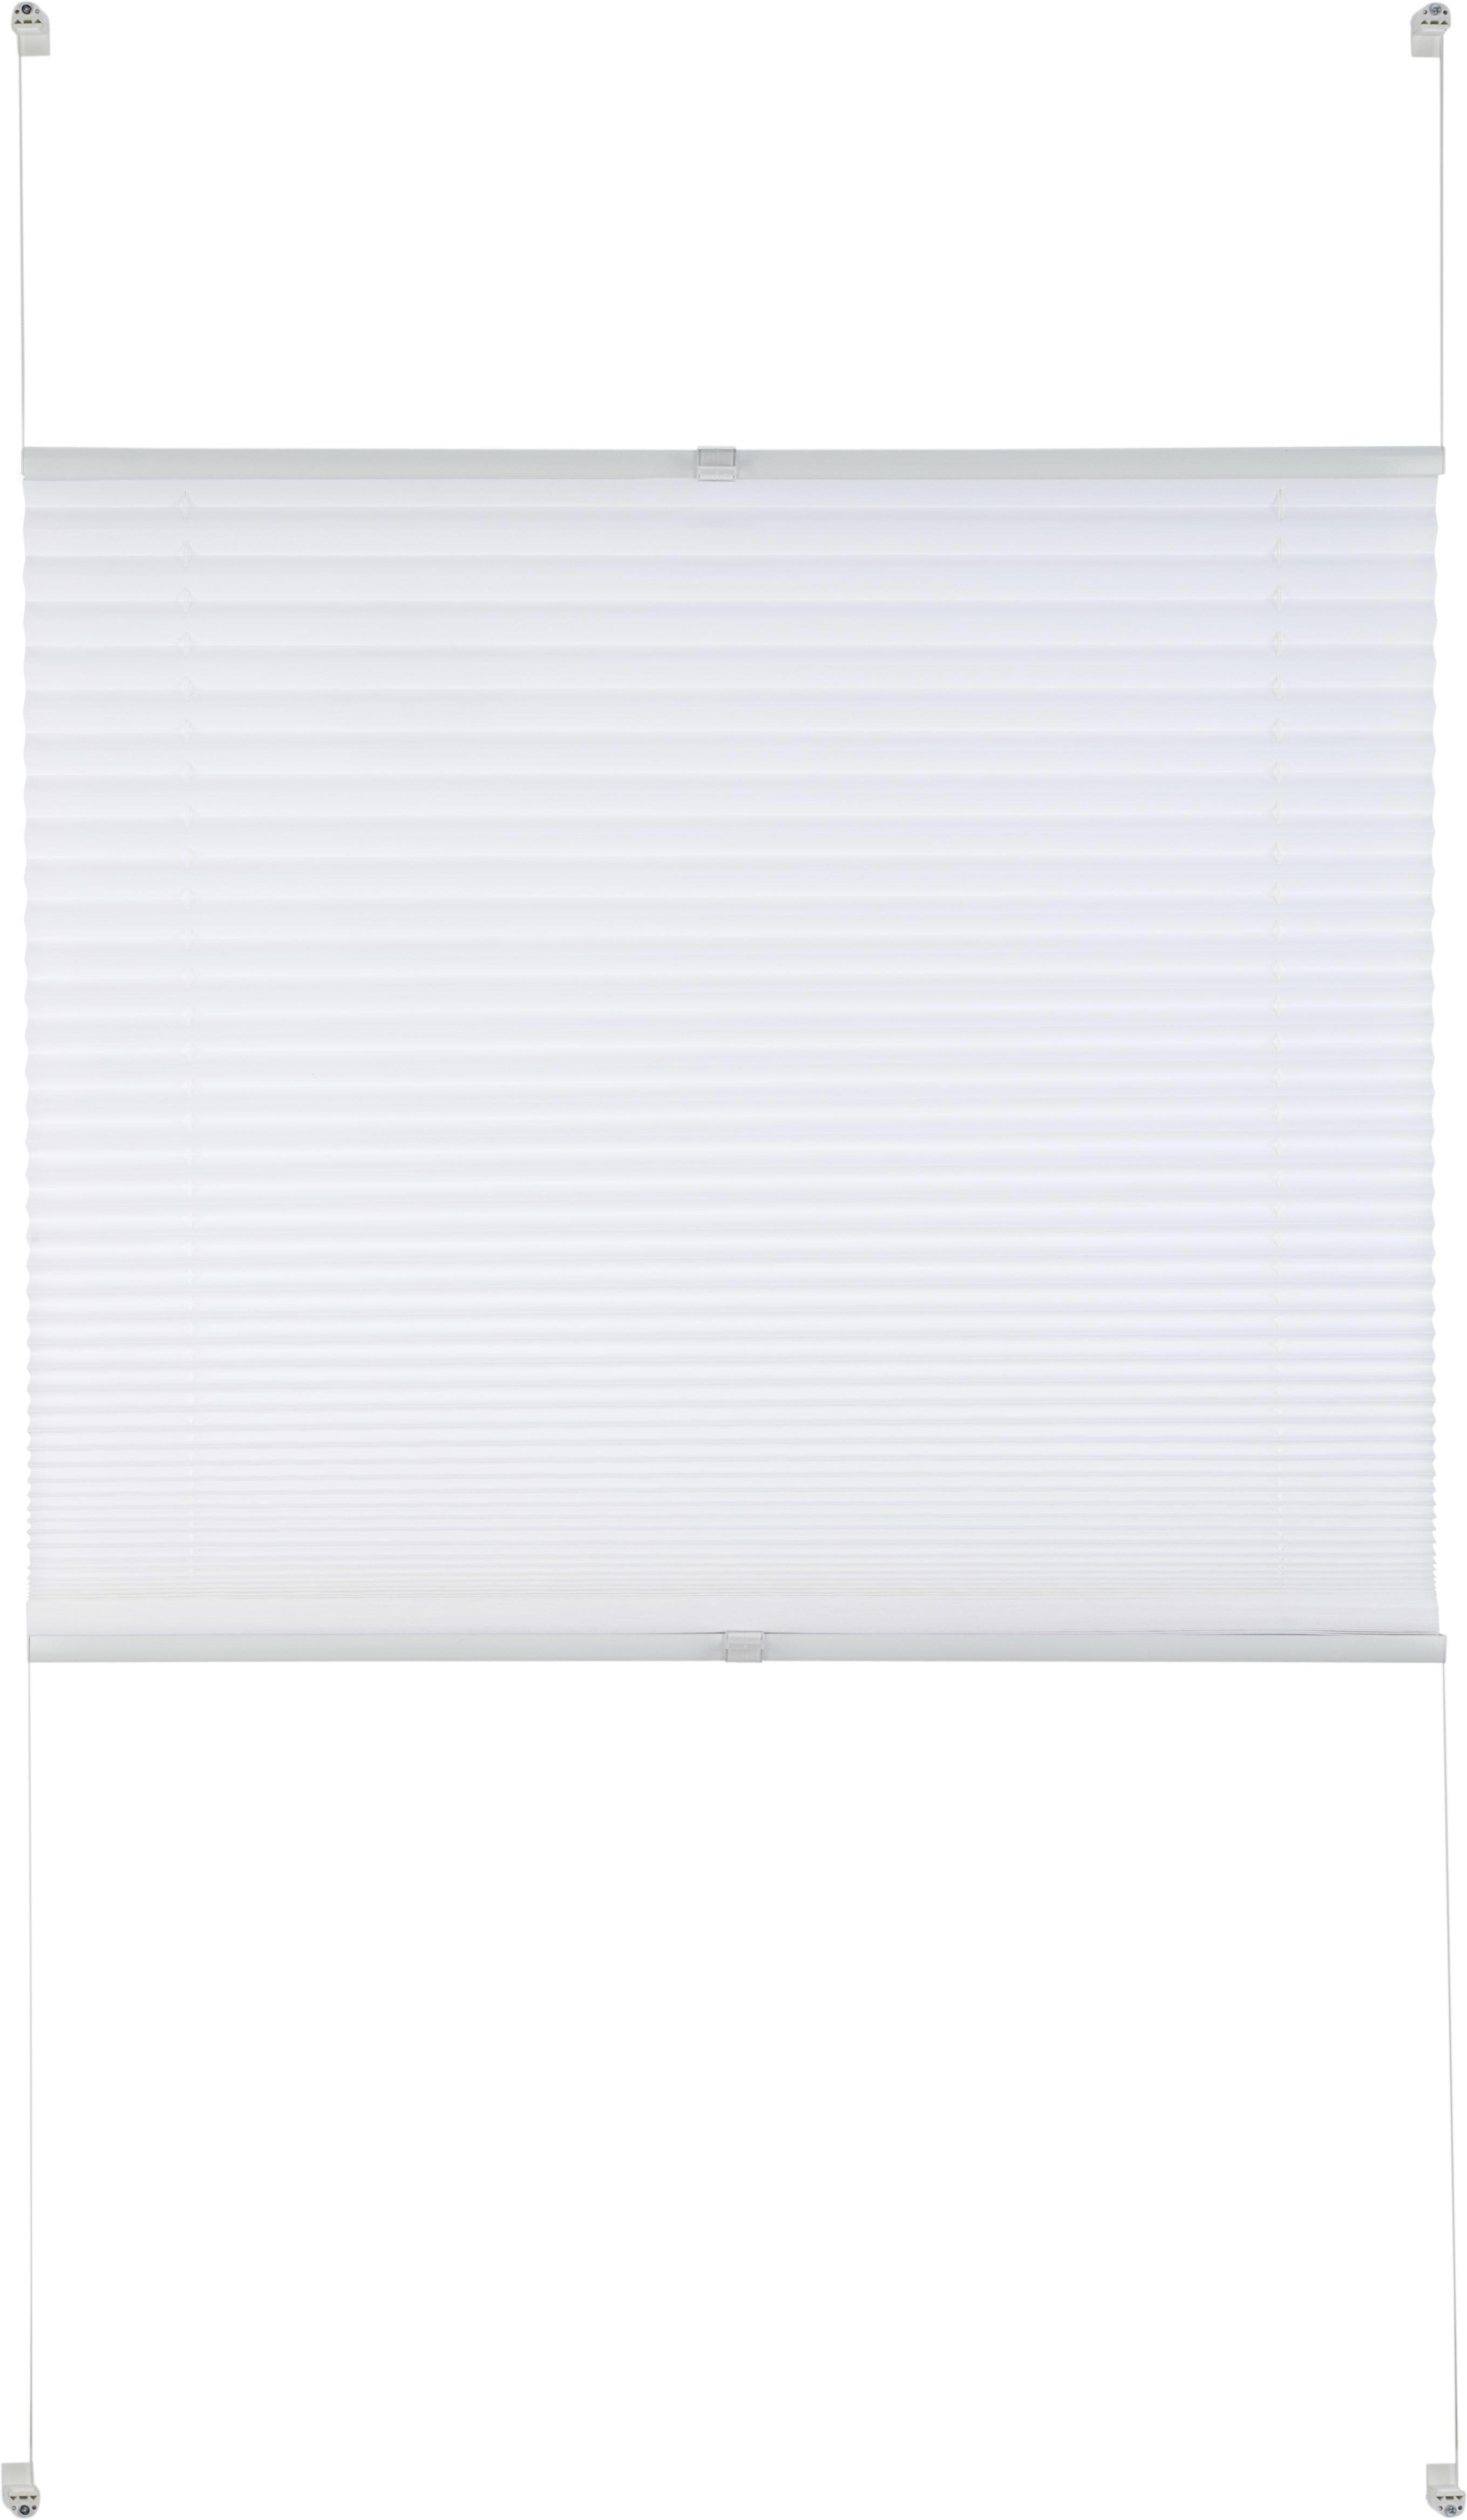 Plissee Free in Weiß, ca. 60x130cm - Weiß, Textil (60/130cm) - PREMIUM LIVING